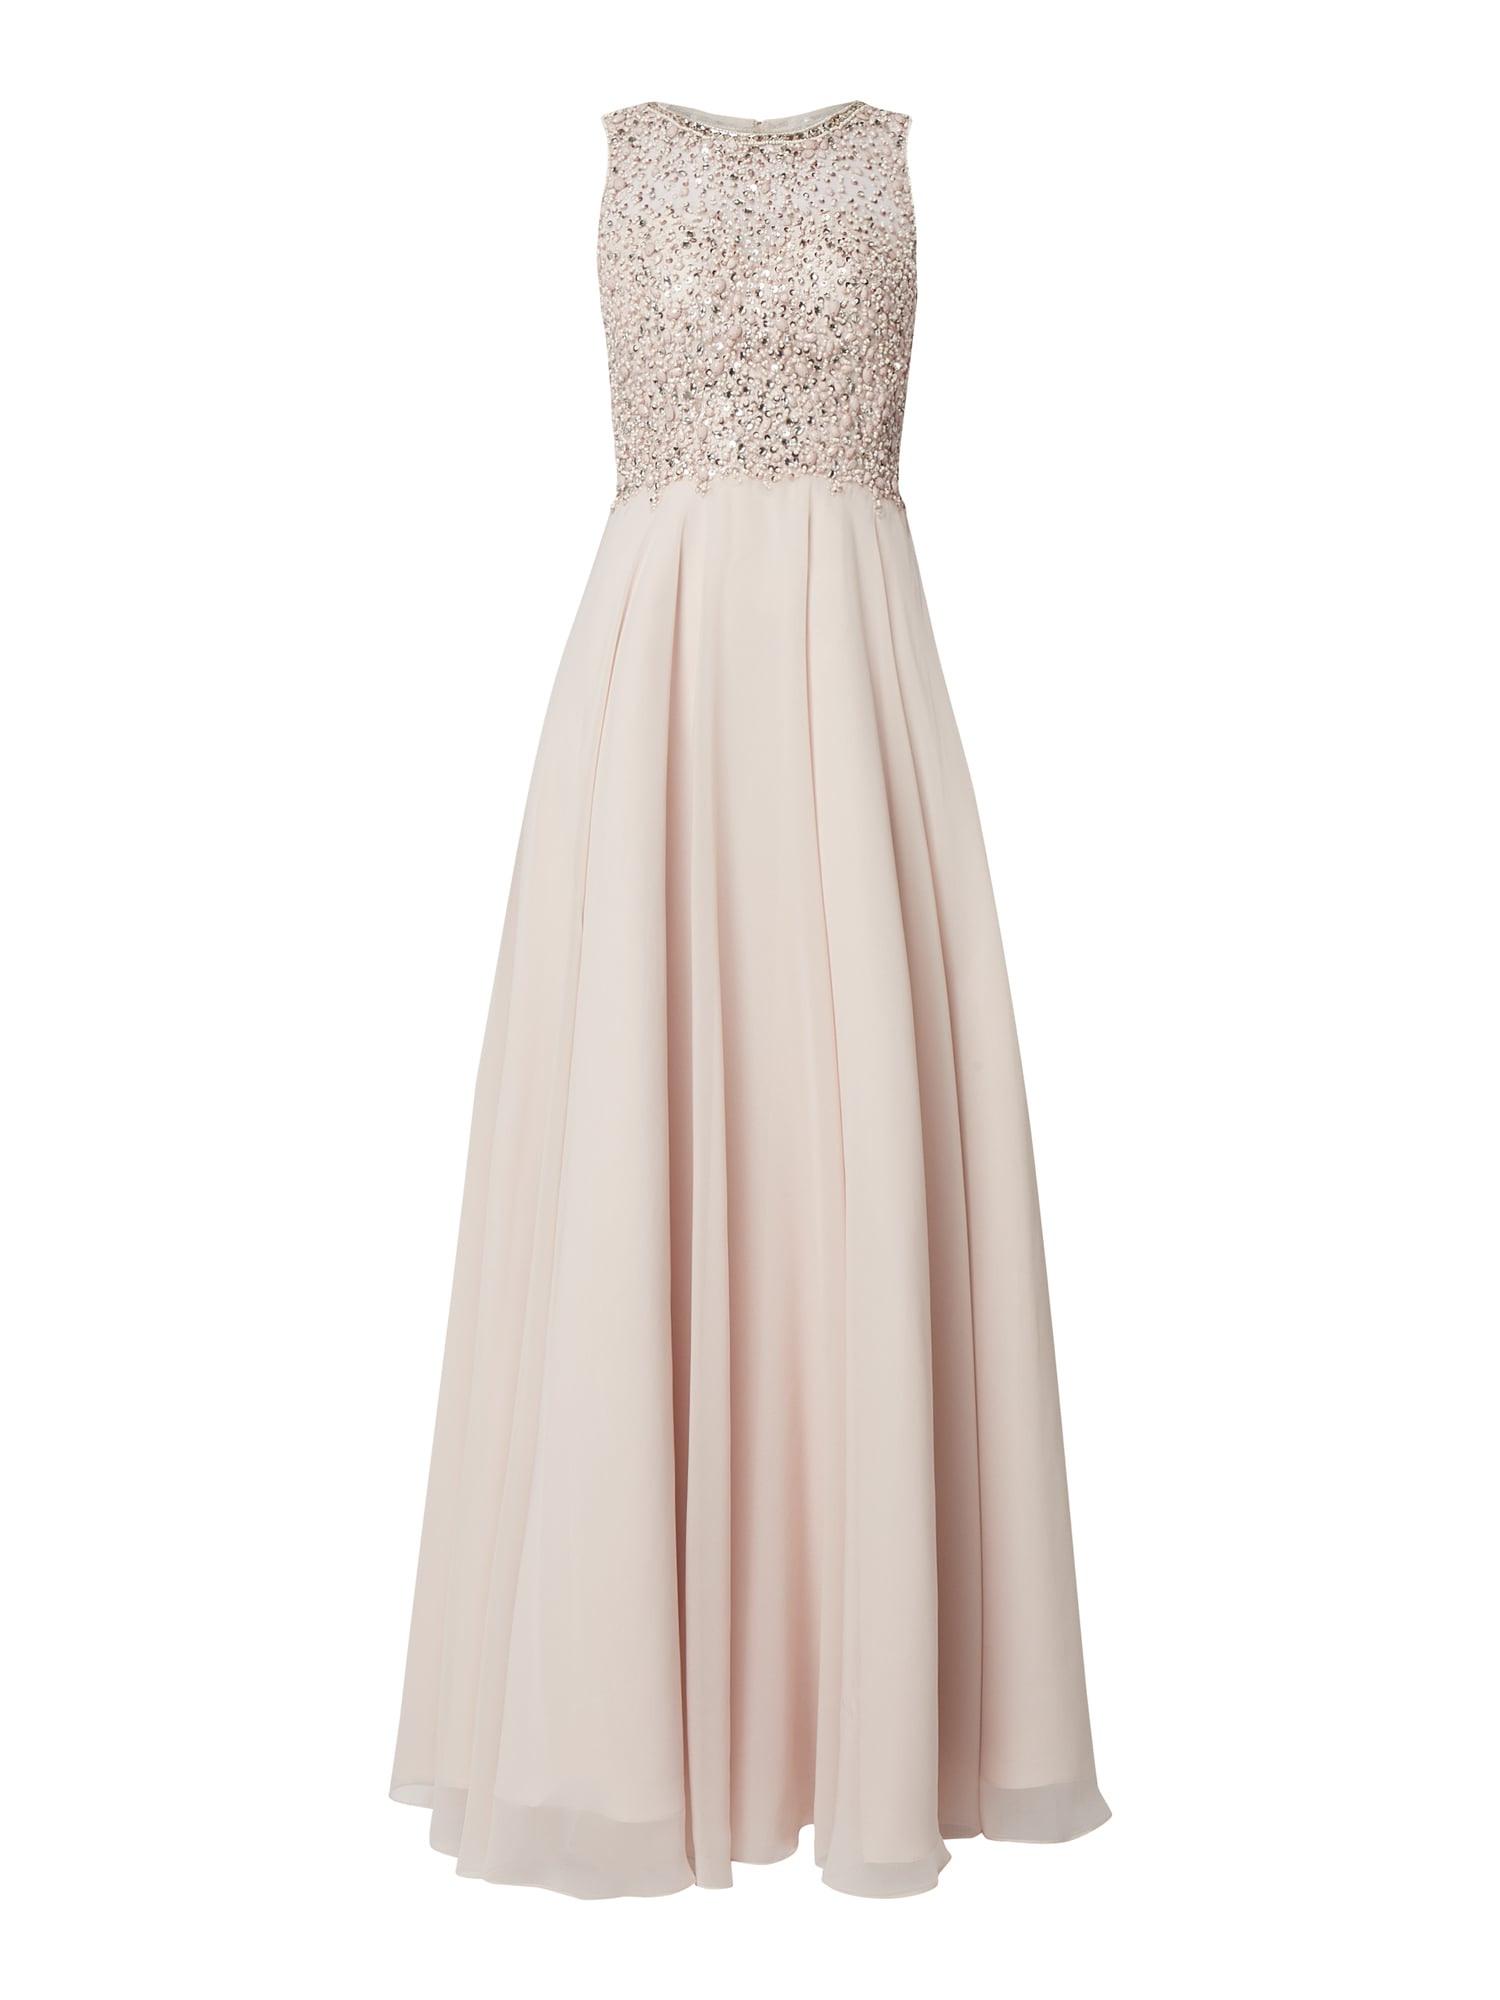 13 Kreativ Abendkleid Pailetten Boutique20 Wunderbar Abendkleid Pailetten für 2019